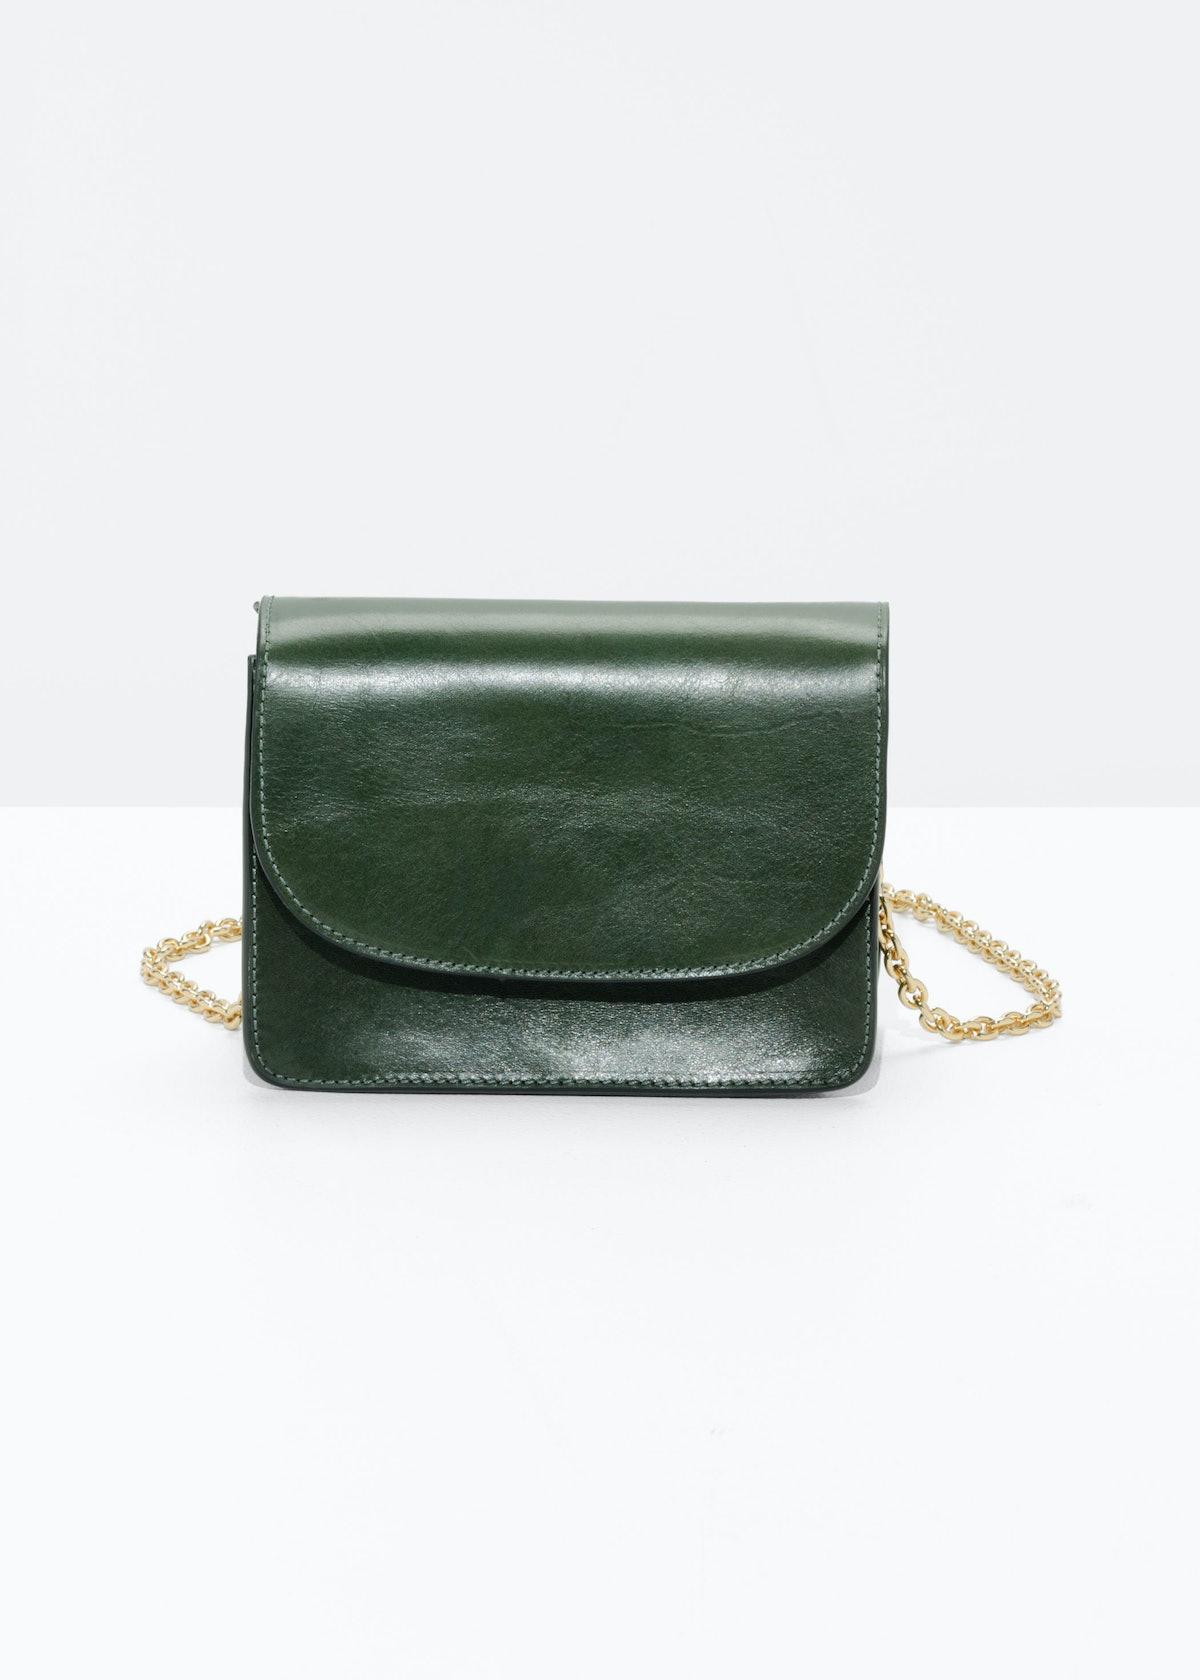 Golden Chain Flap Bag